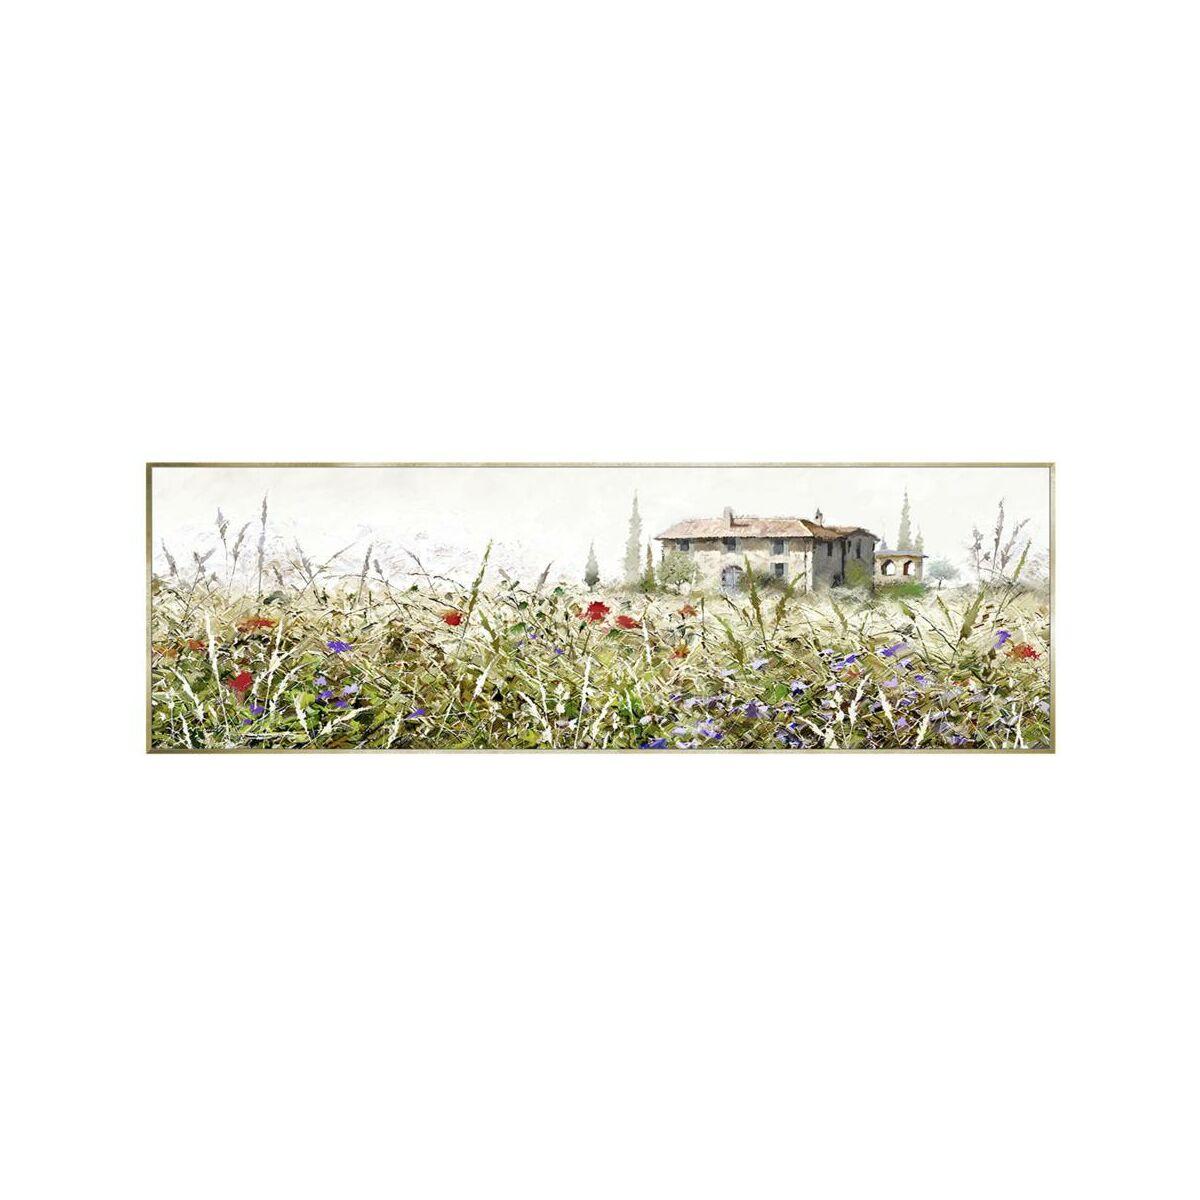 Kanwa Grasses 140 X 45 Cm Obrazy Kanwy W Atrakcyjnej Cenie W Sklepach Leroy Merlin